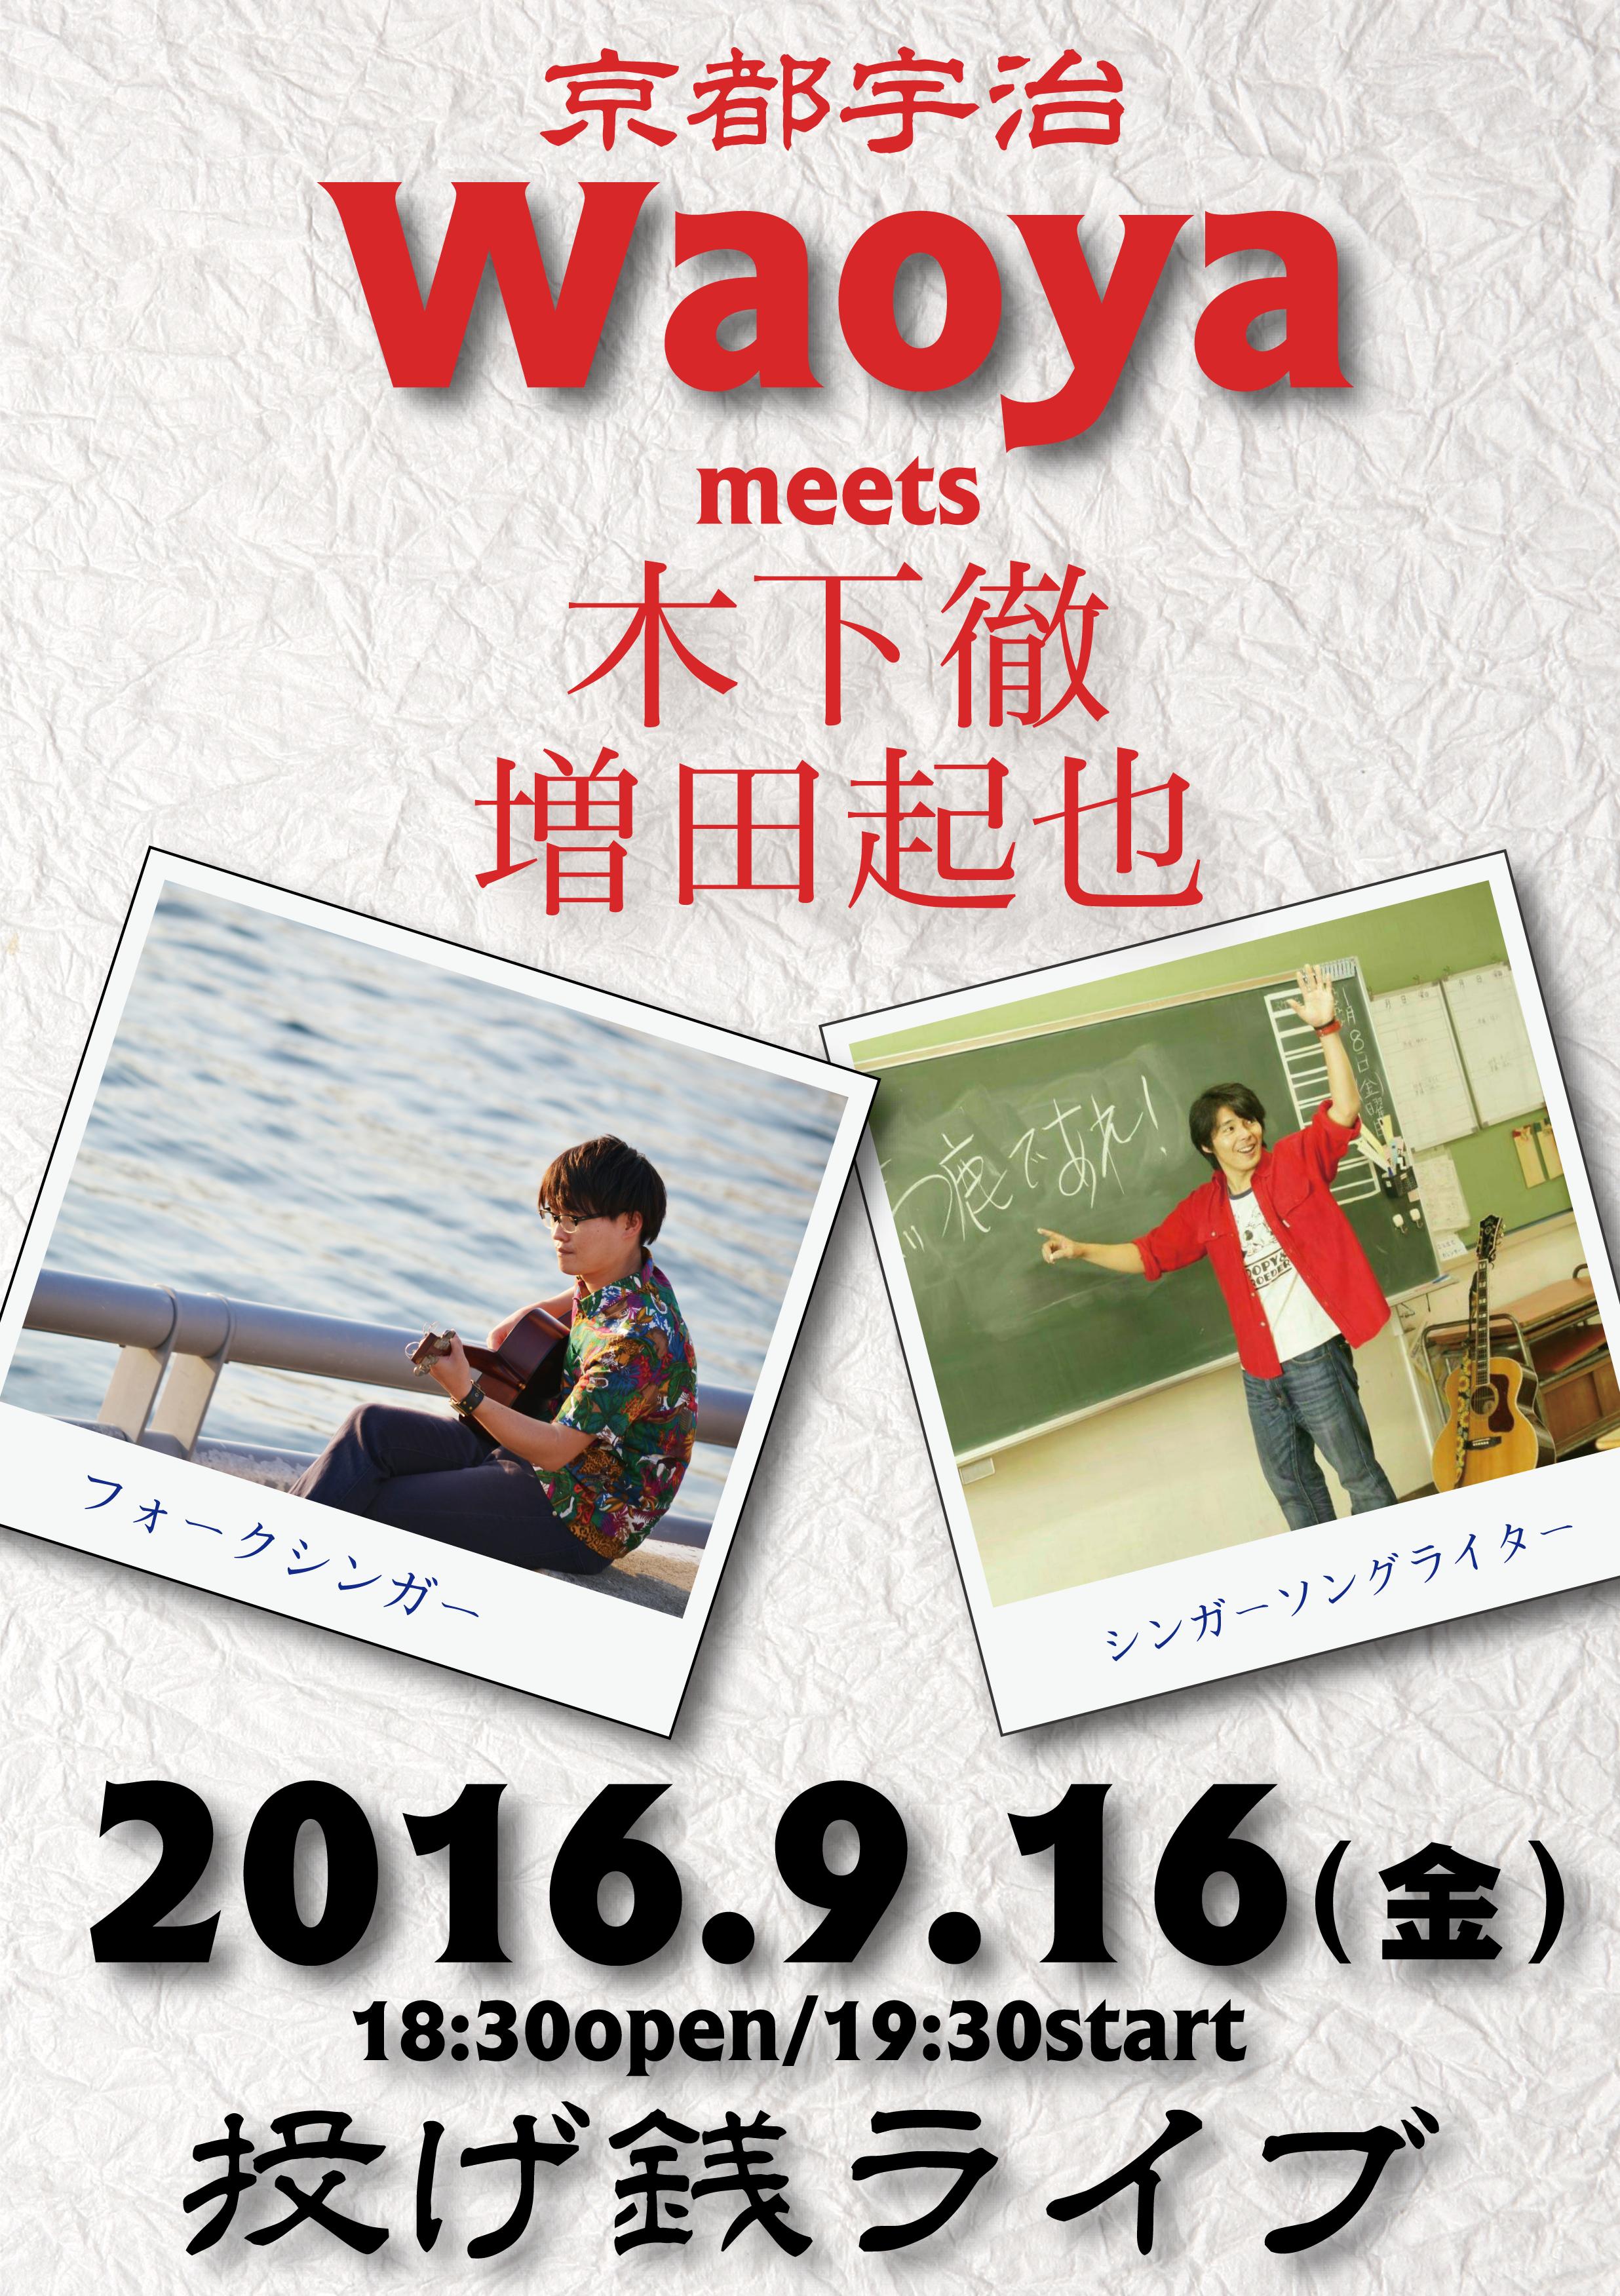 2016.09.16 ツーマンライブ with 増田起也投げ銭ライブVOL.3@宇治Waoya(京都)